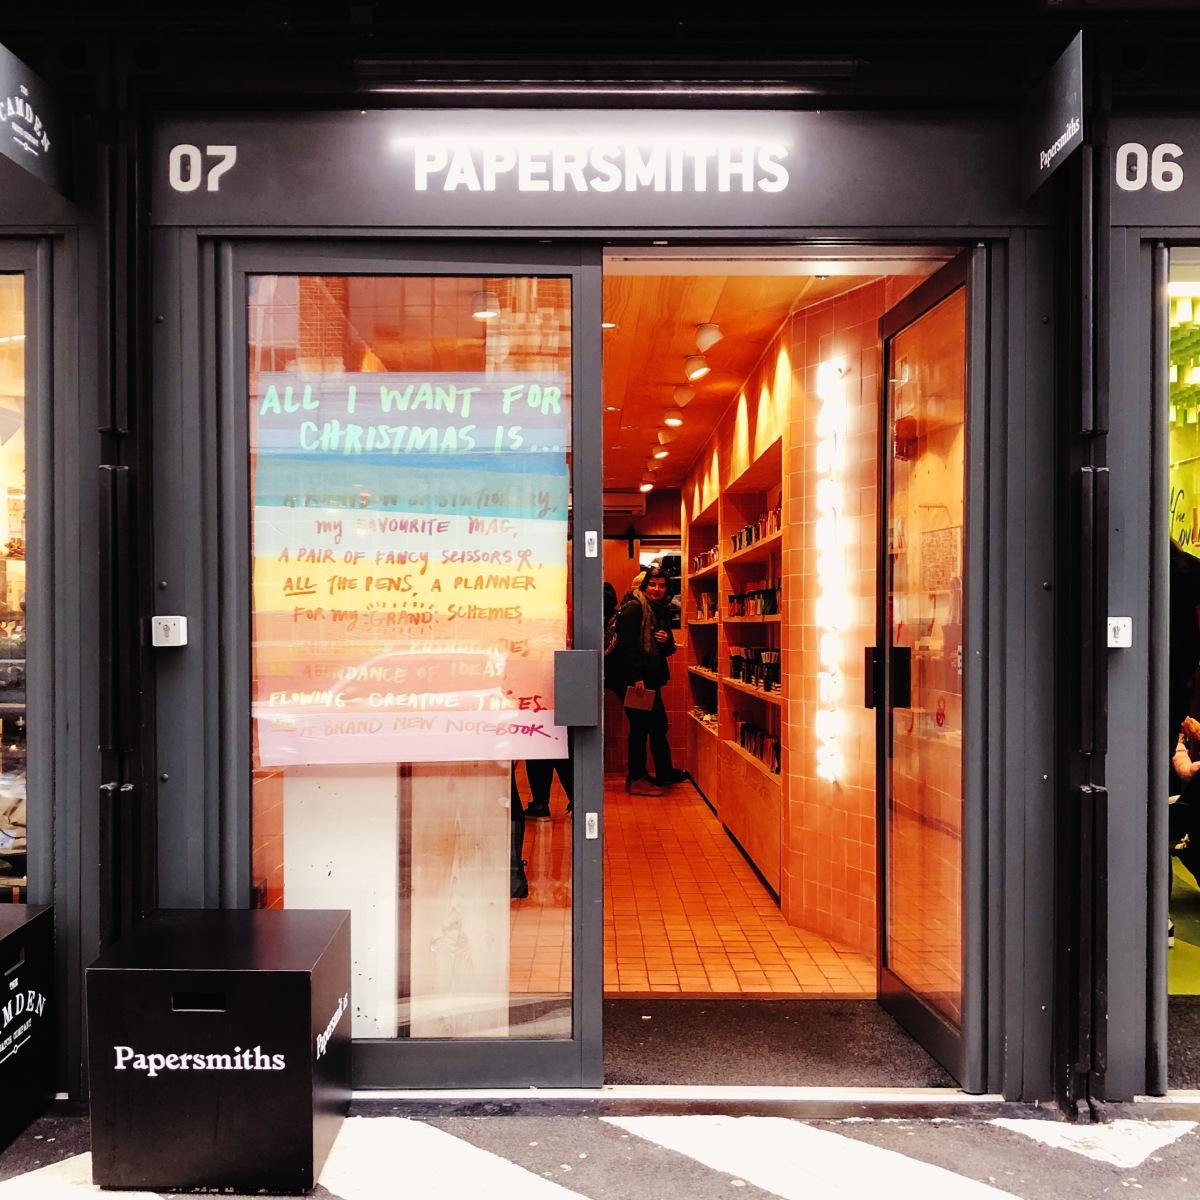 倫敦漫遊|讓人無法自拔的六家文具選品店